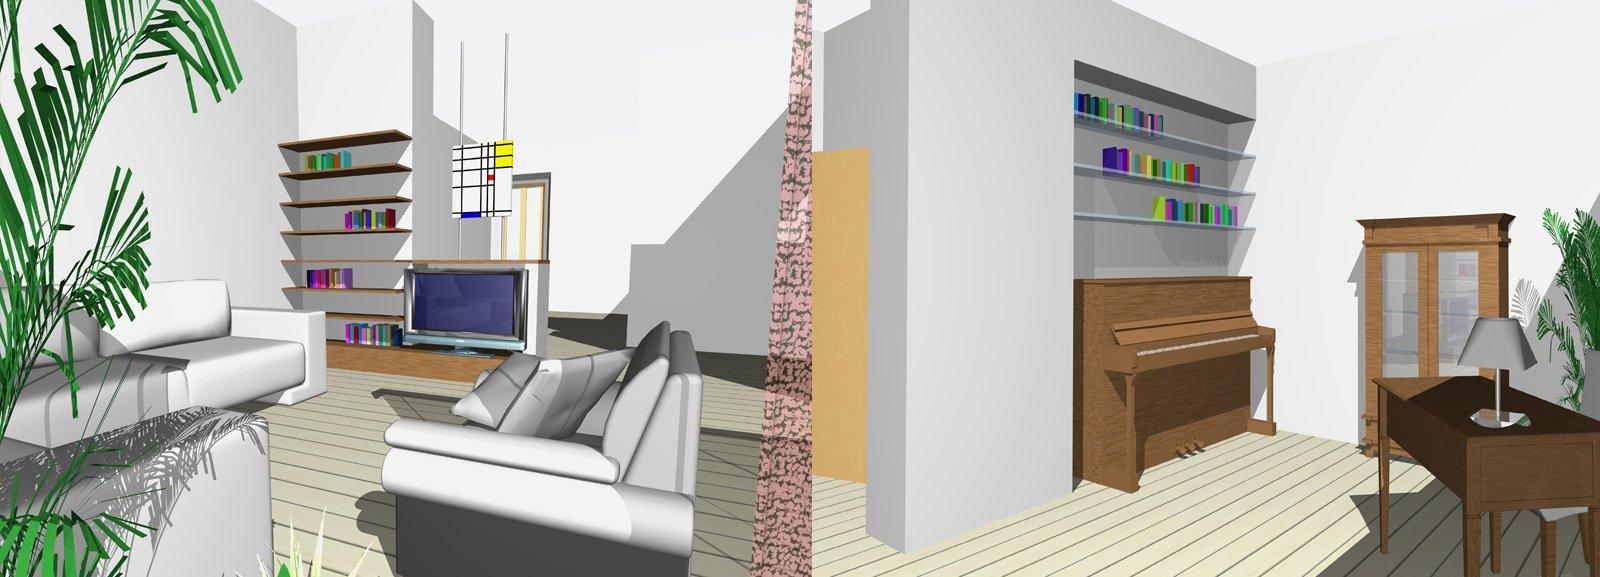 Anteprima soggiorno progetto cose di casa for Progetto soggiorno